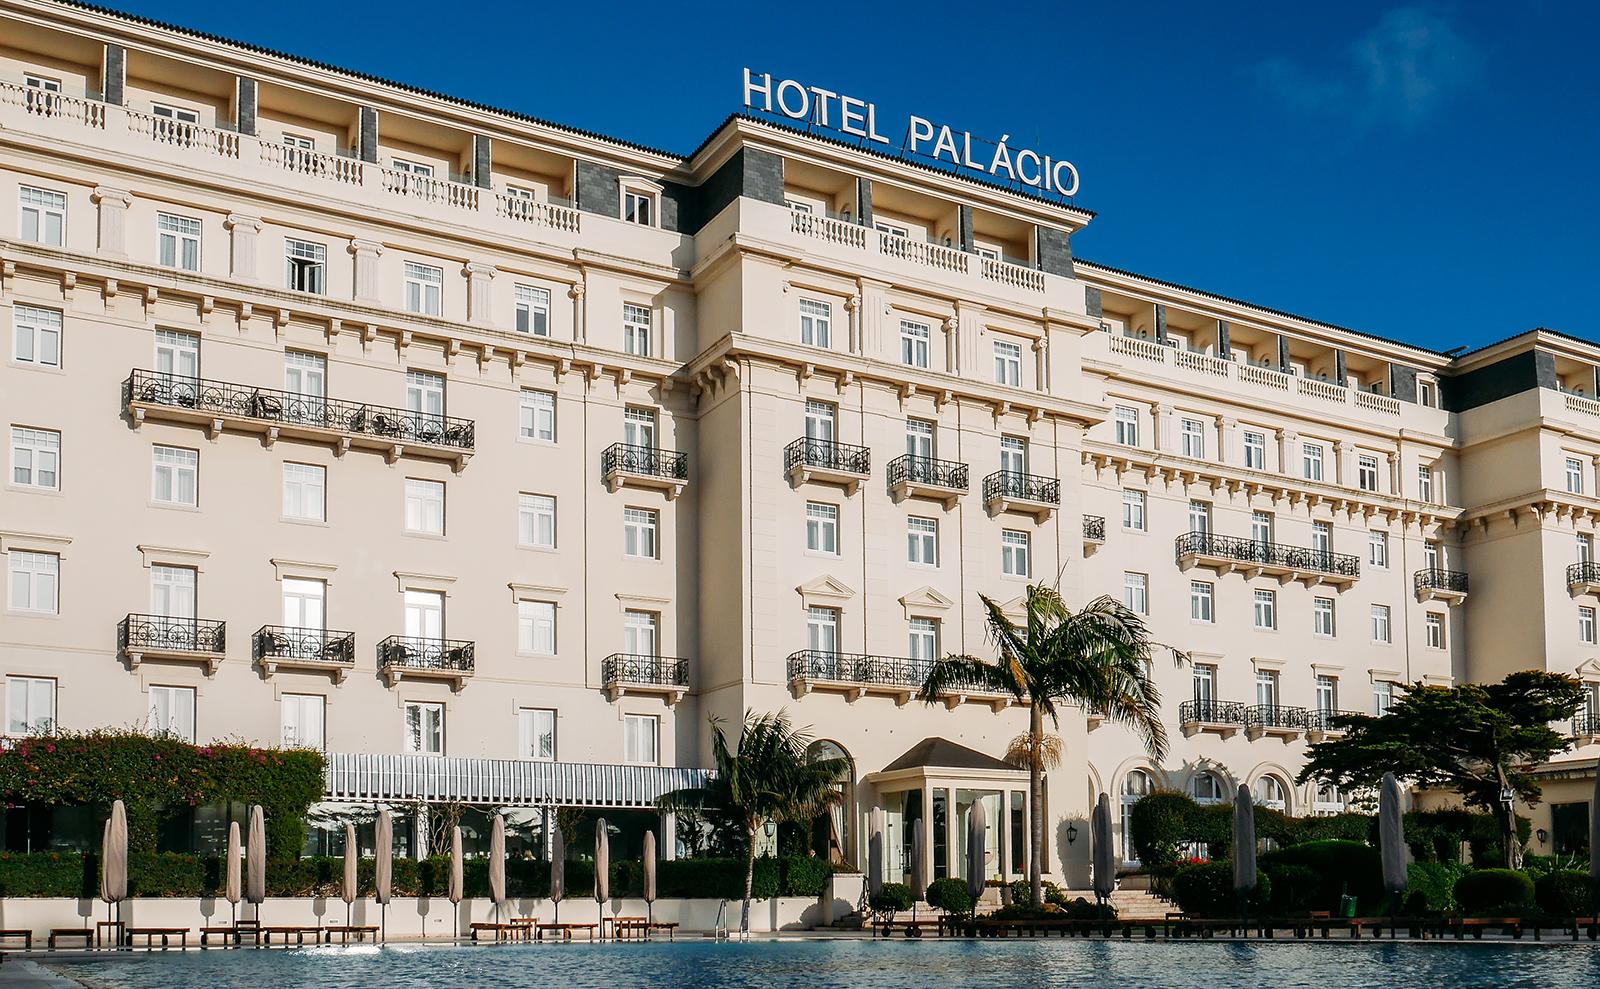 estoril hotel palacio in portugal